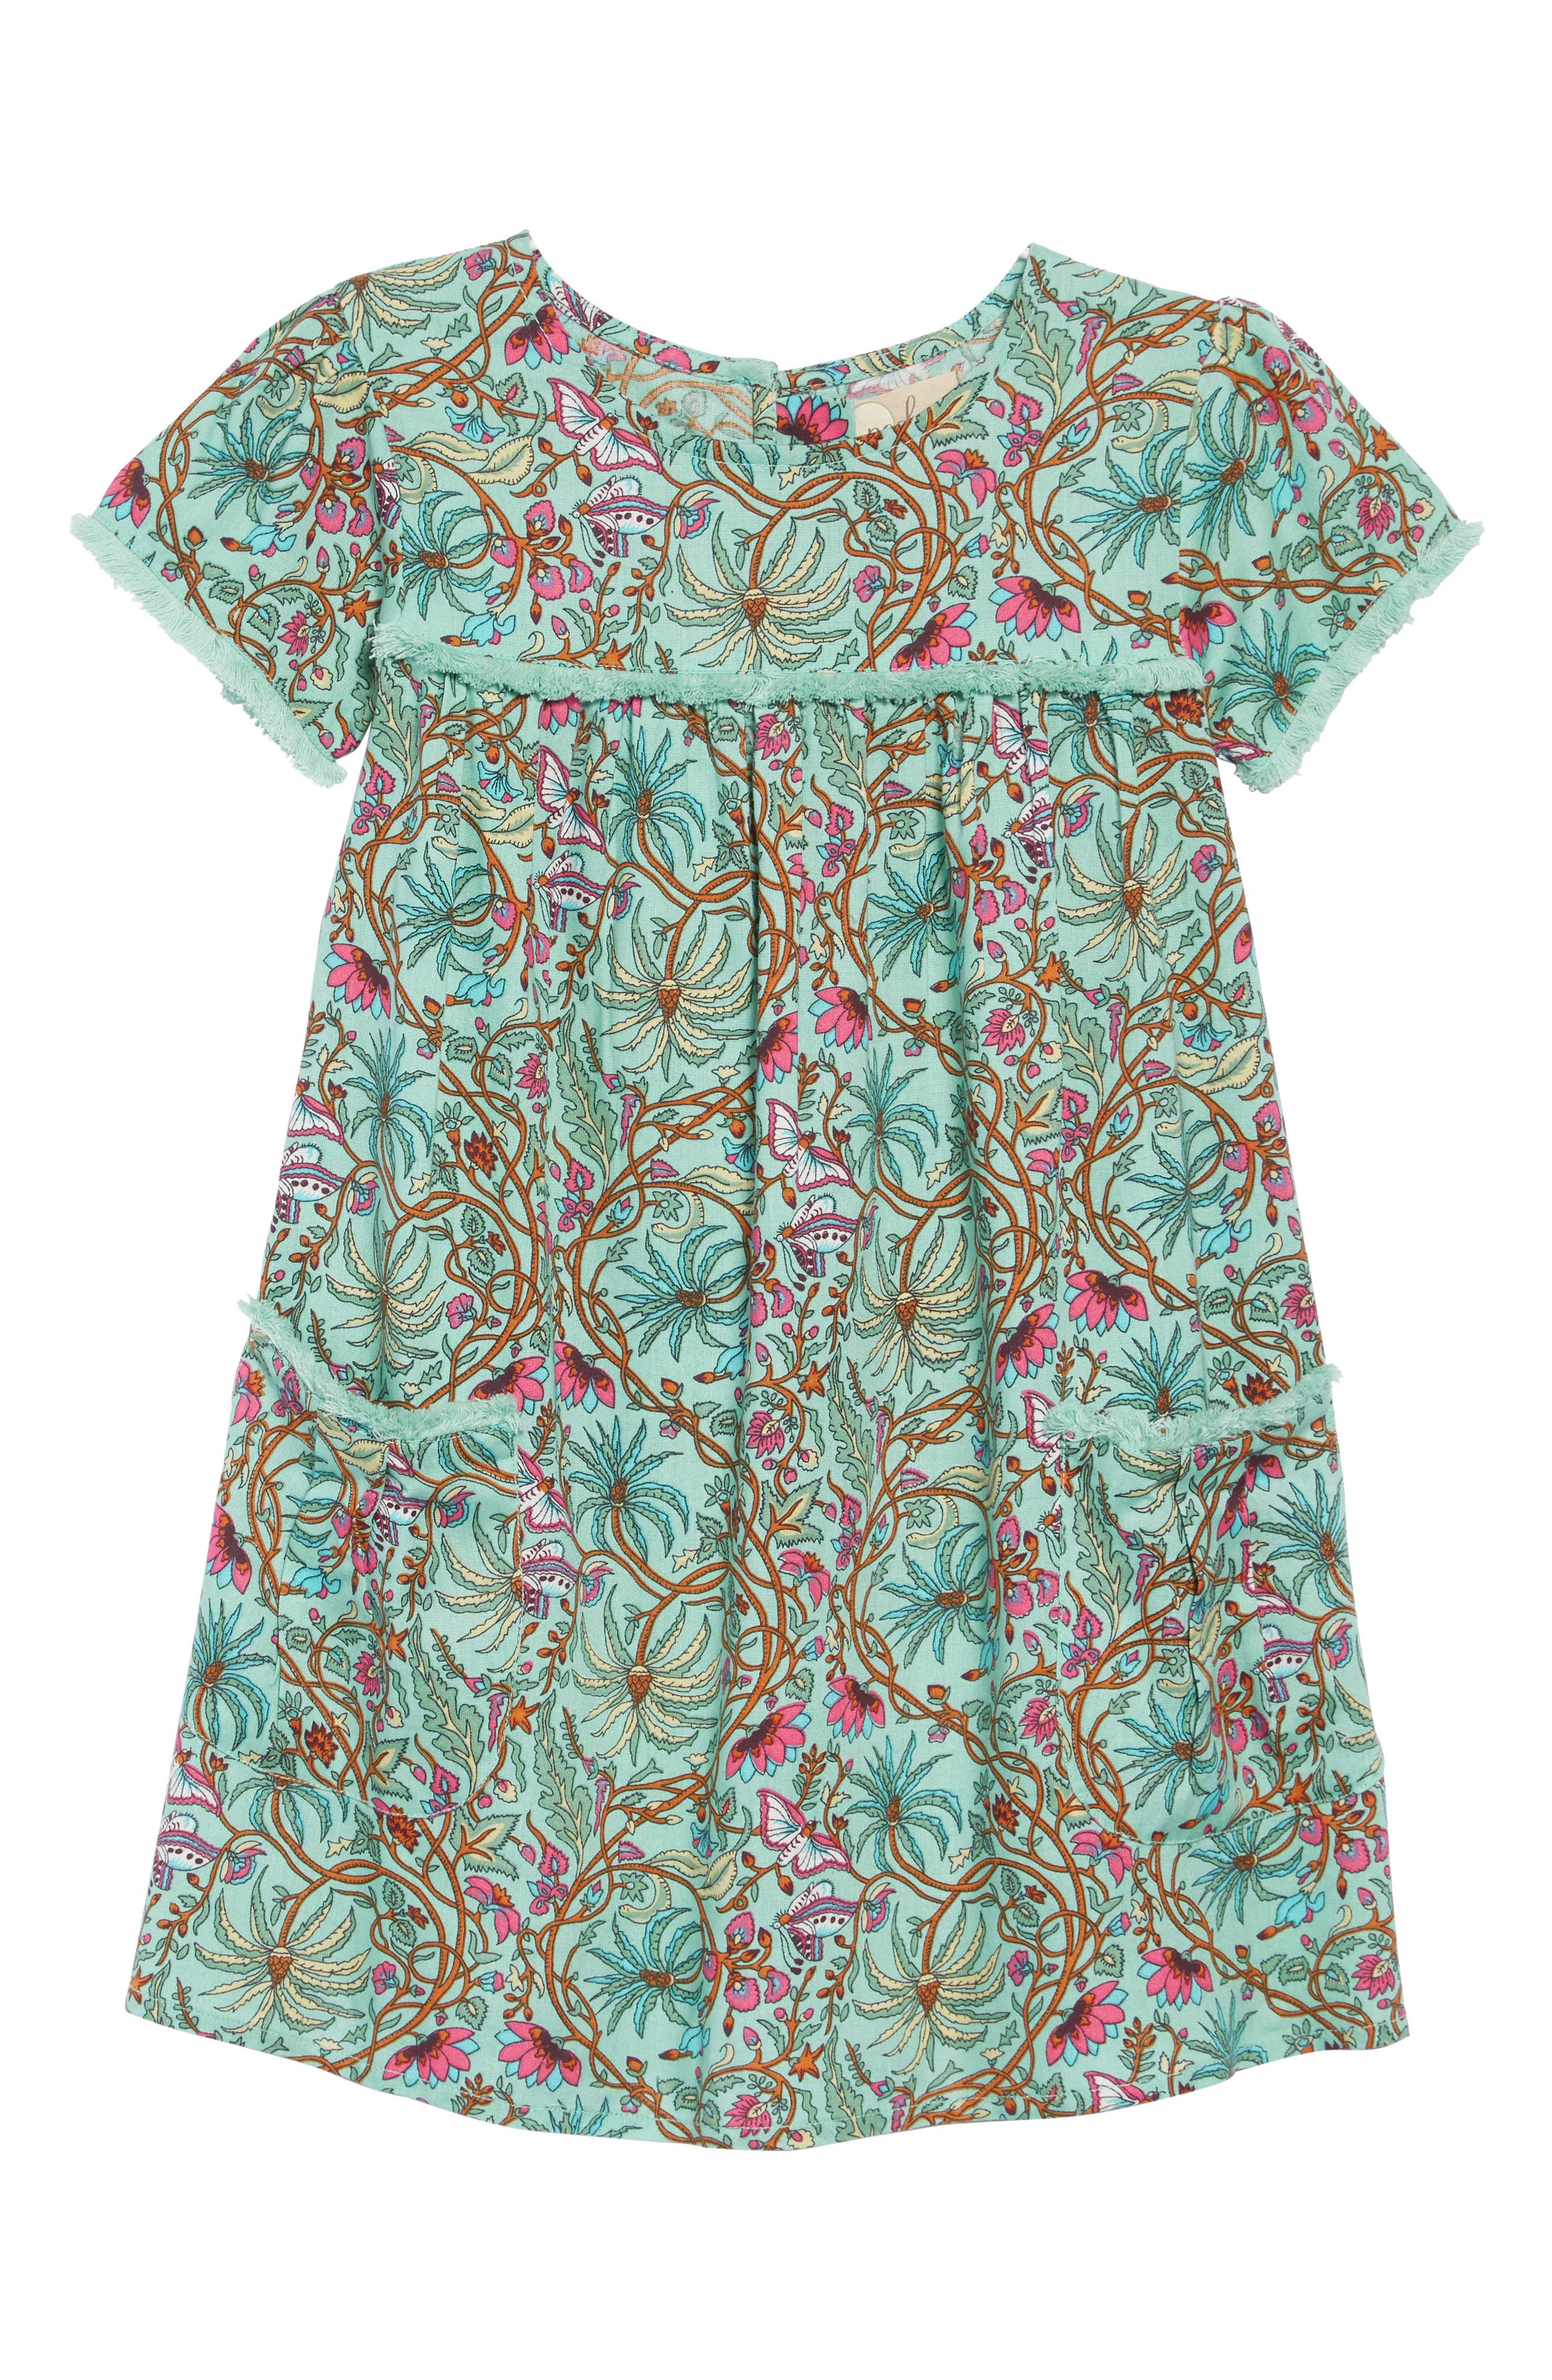 PEEK AREN'T YOU CURIOUS, Octavia Print Dress, Main thumbnail 1, color, GREEN